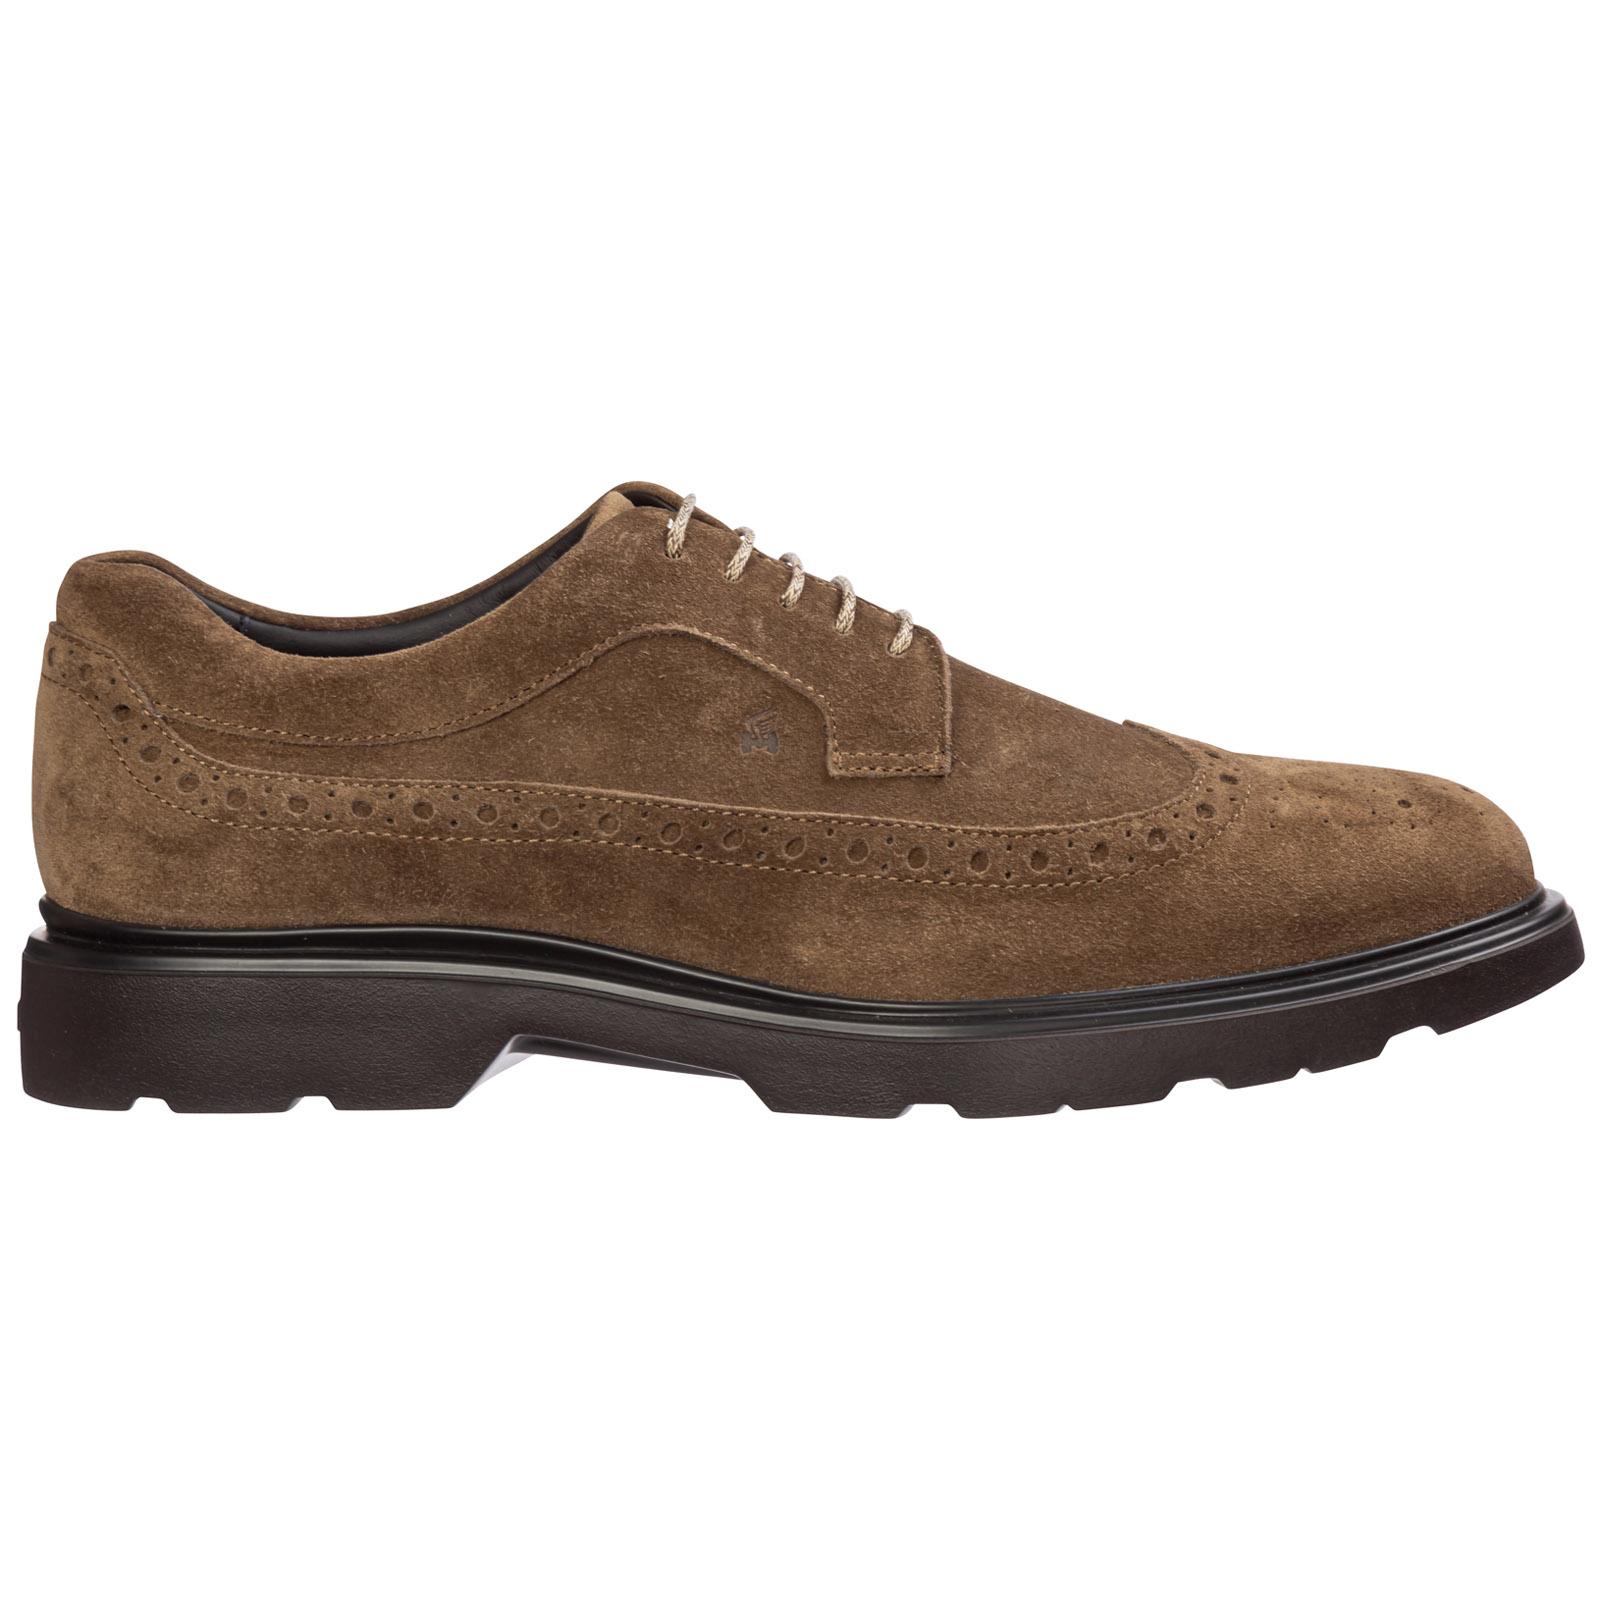 Lacets Classiques Daim Derby Route À En Homme Chaussures ImvfgY7b6y